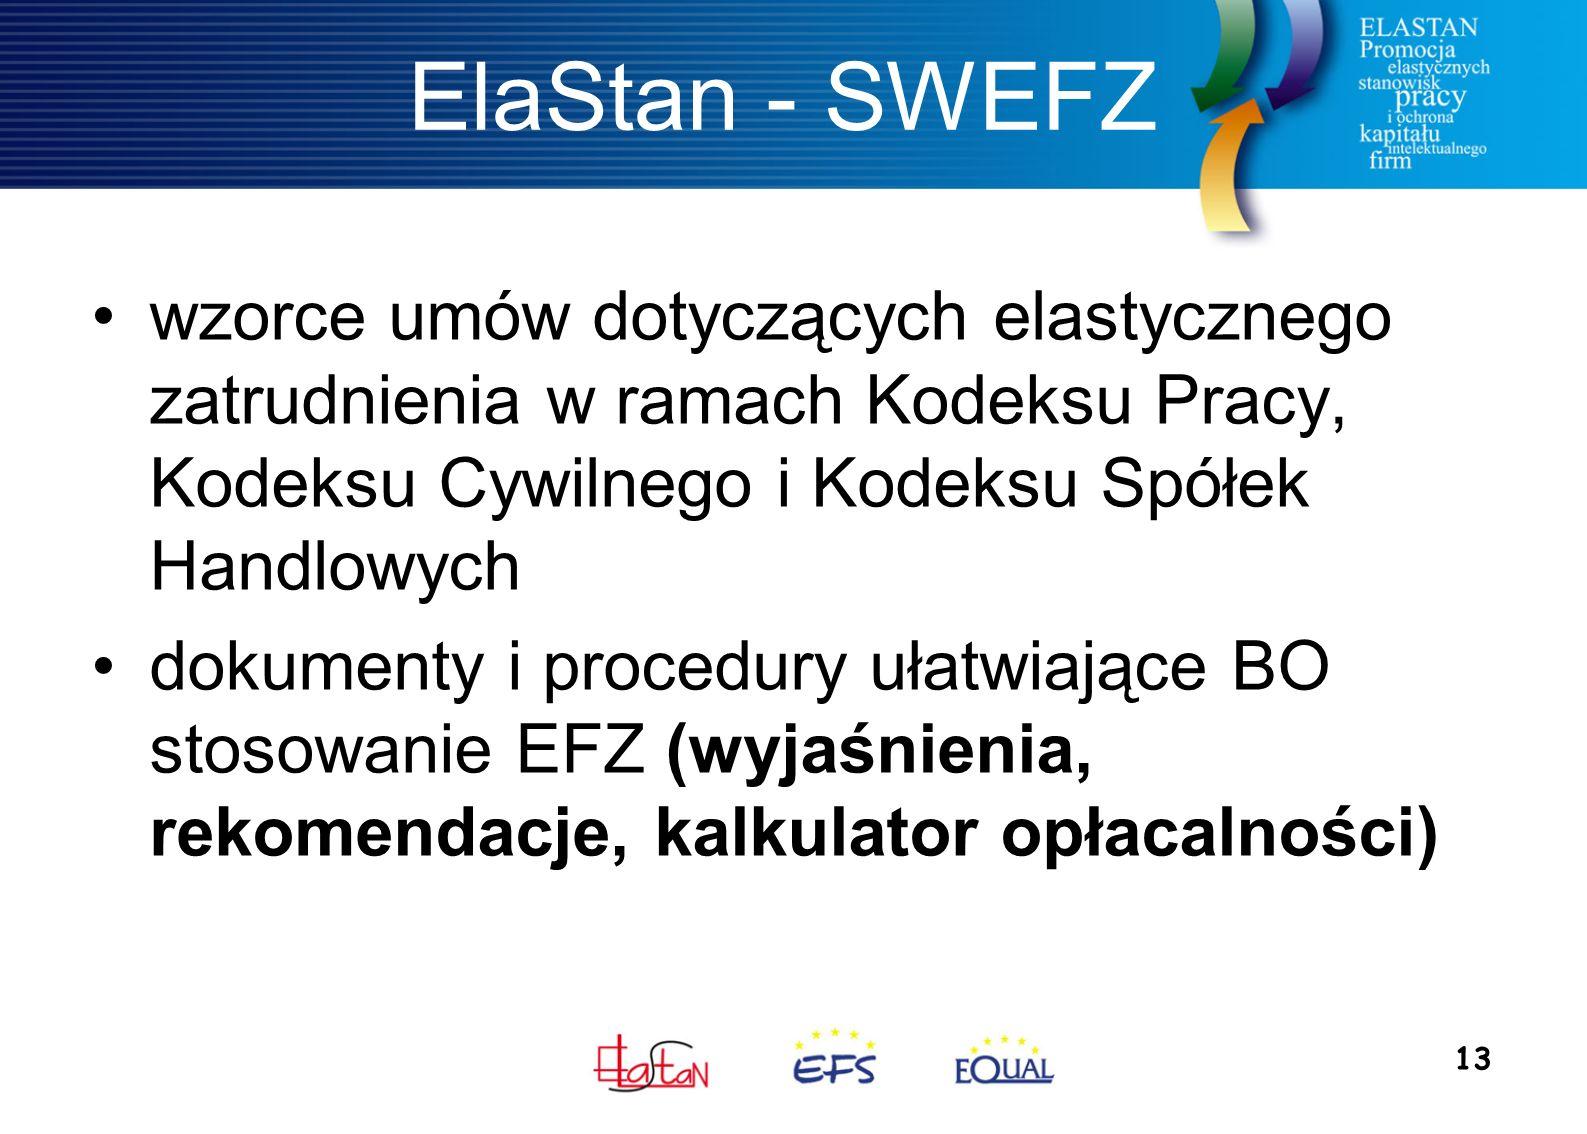 13 ElaStan - SWEFZ wzorce umów dotyczących elastycznego zatrudnienia w ramach Kodeksu Pracy, Kodeksu Cywilnego i Kodeksu Spółek Handlowych dokumenty i